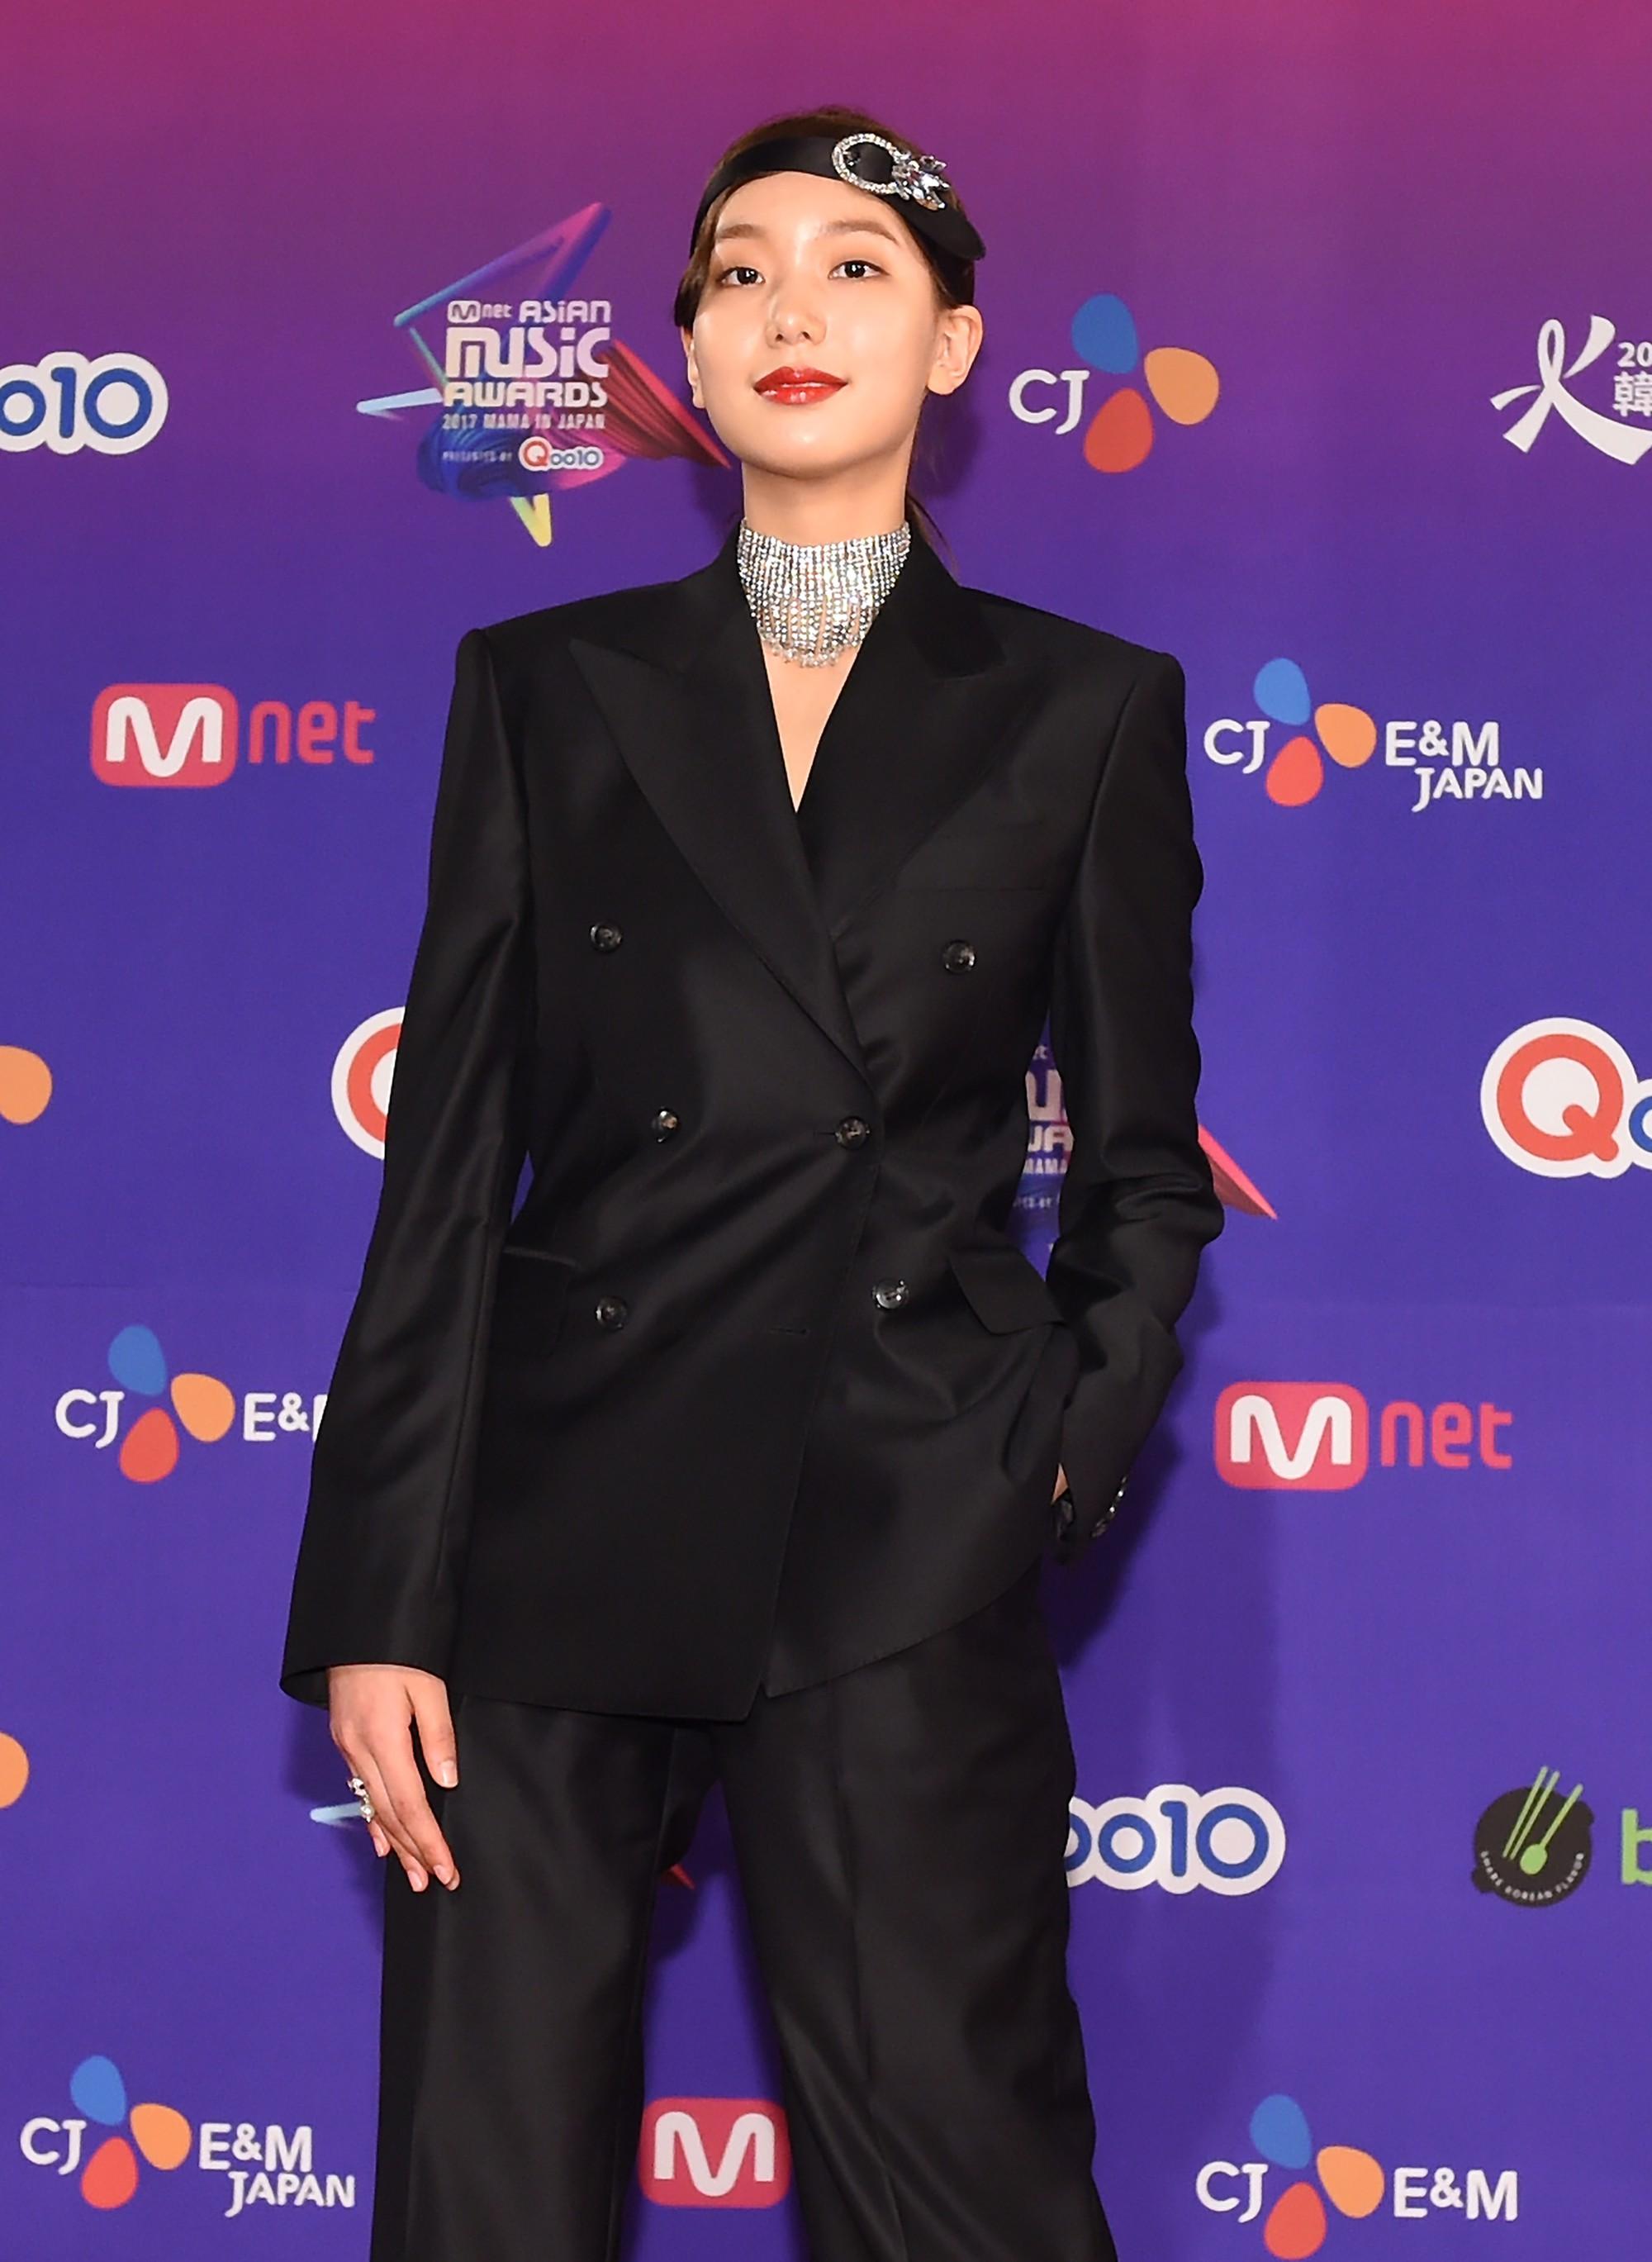 Thảm đỏ MAMA Nhật: Park Bo Gum và dàn mỹ nam Wanna One, EXO chiếm trọn sự chú ý, Kim So Hyun đọ sắc TWICE - Ảnh 48.